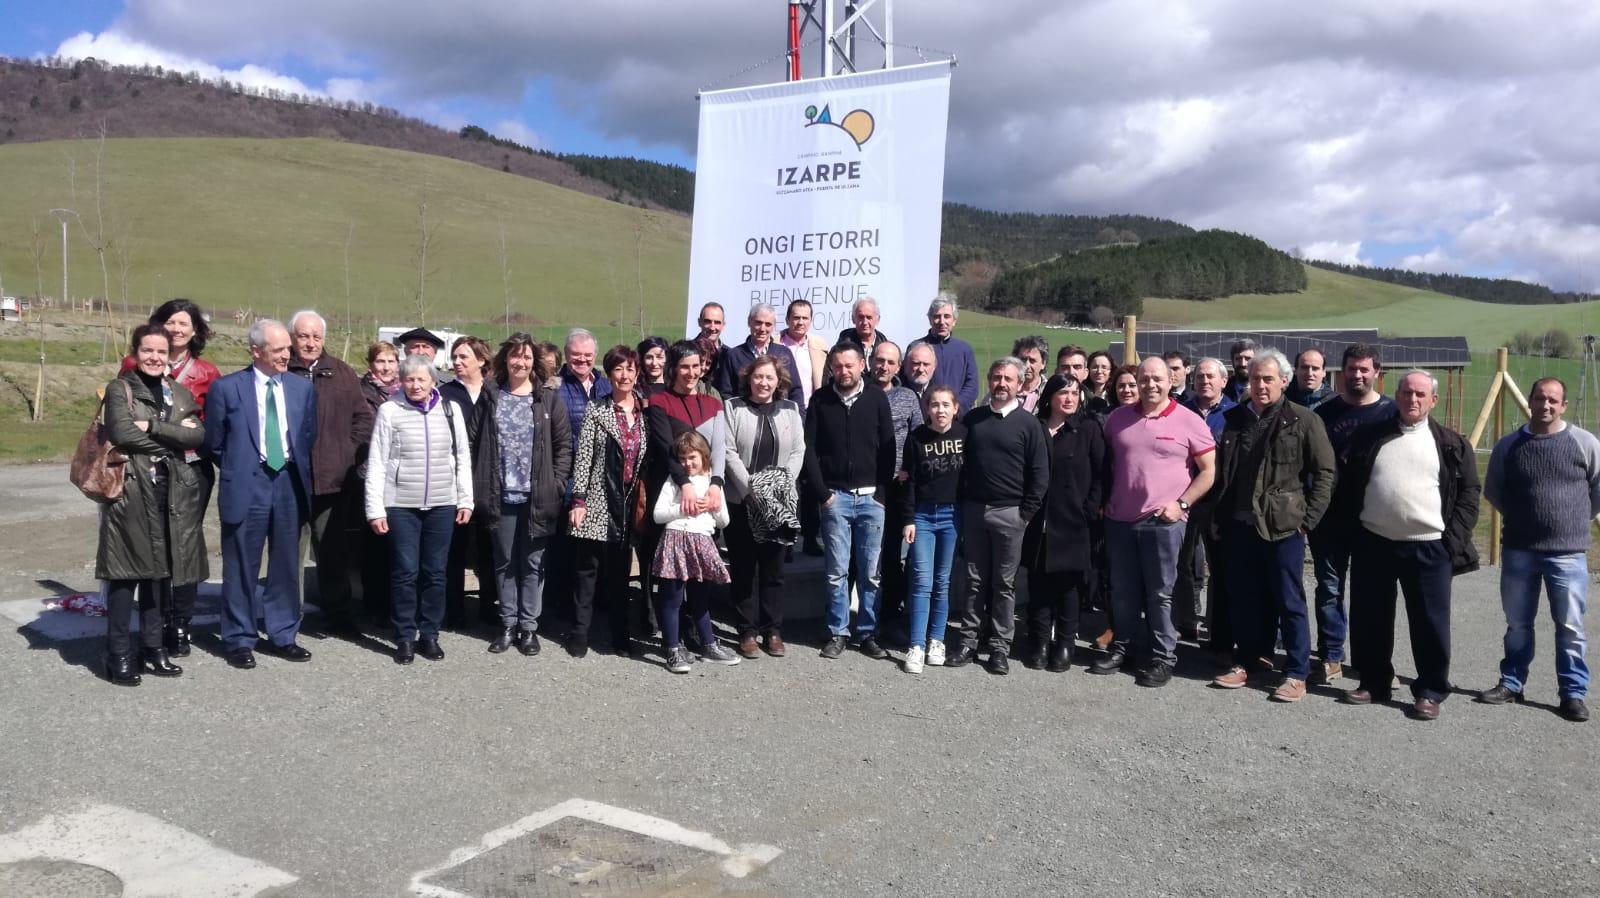 Foto de grupo de los participantes en la fiesta de inauguración del camping Izarpe.